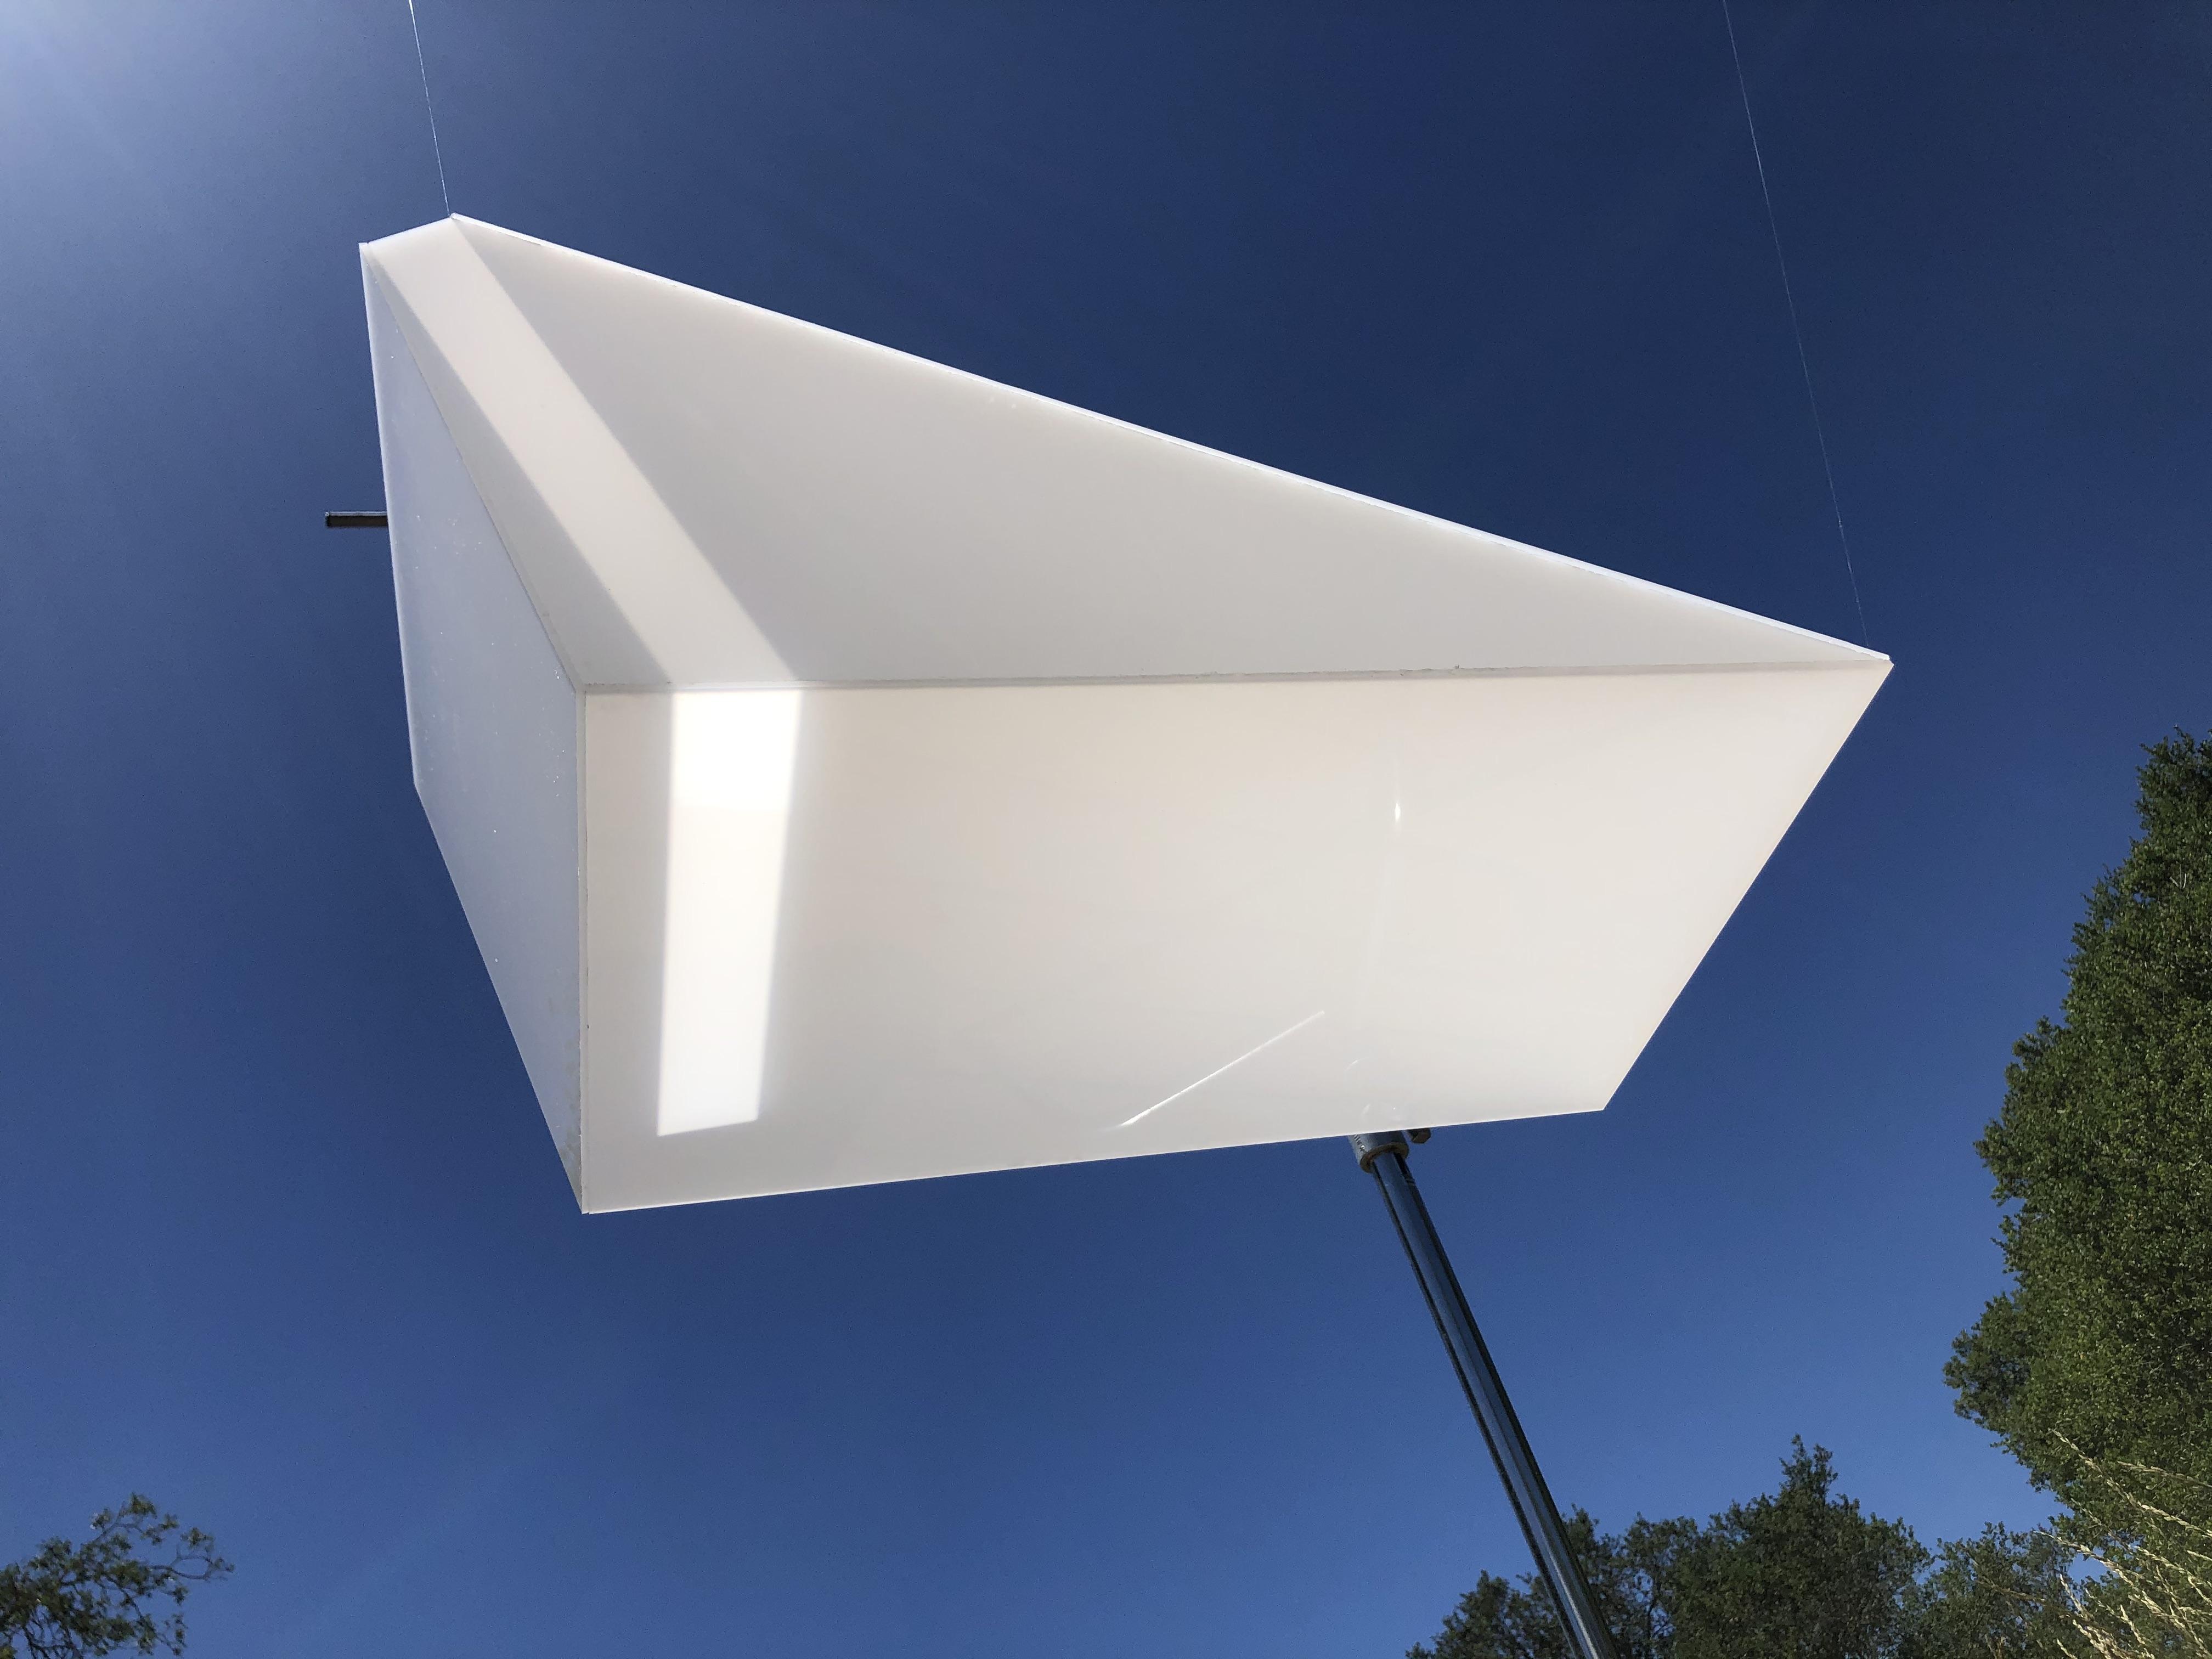 Solar_Midday_Model.jpg